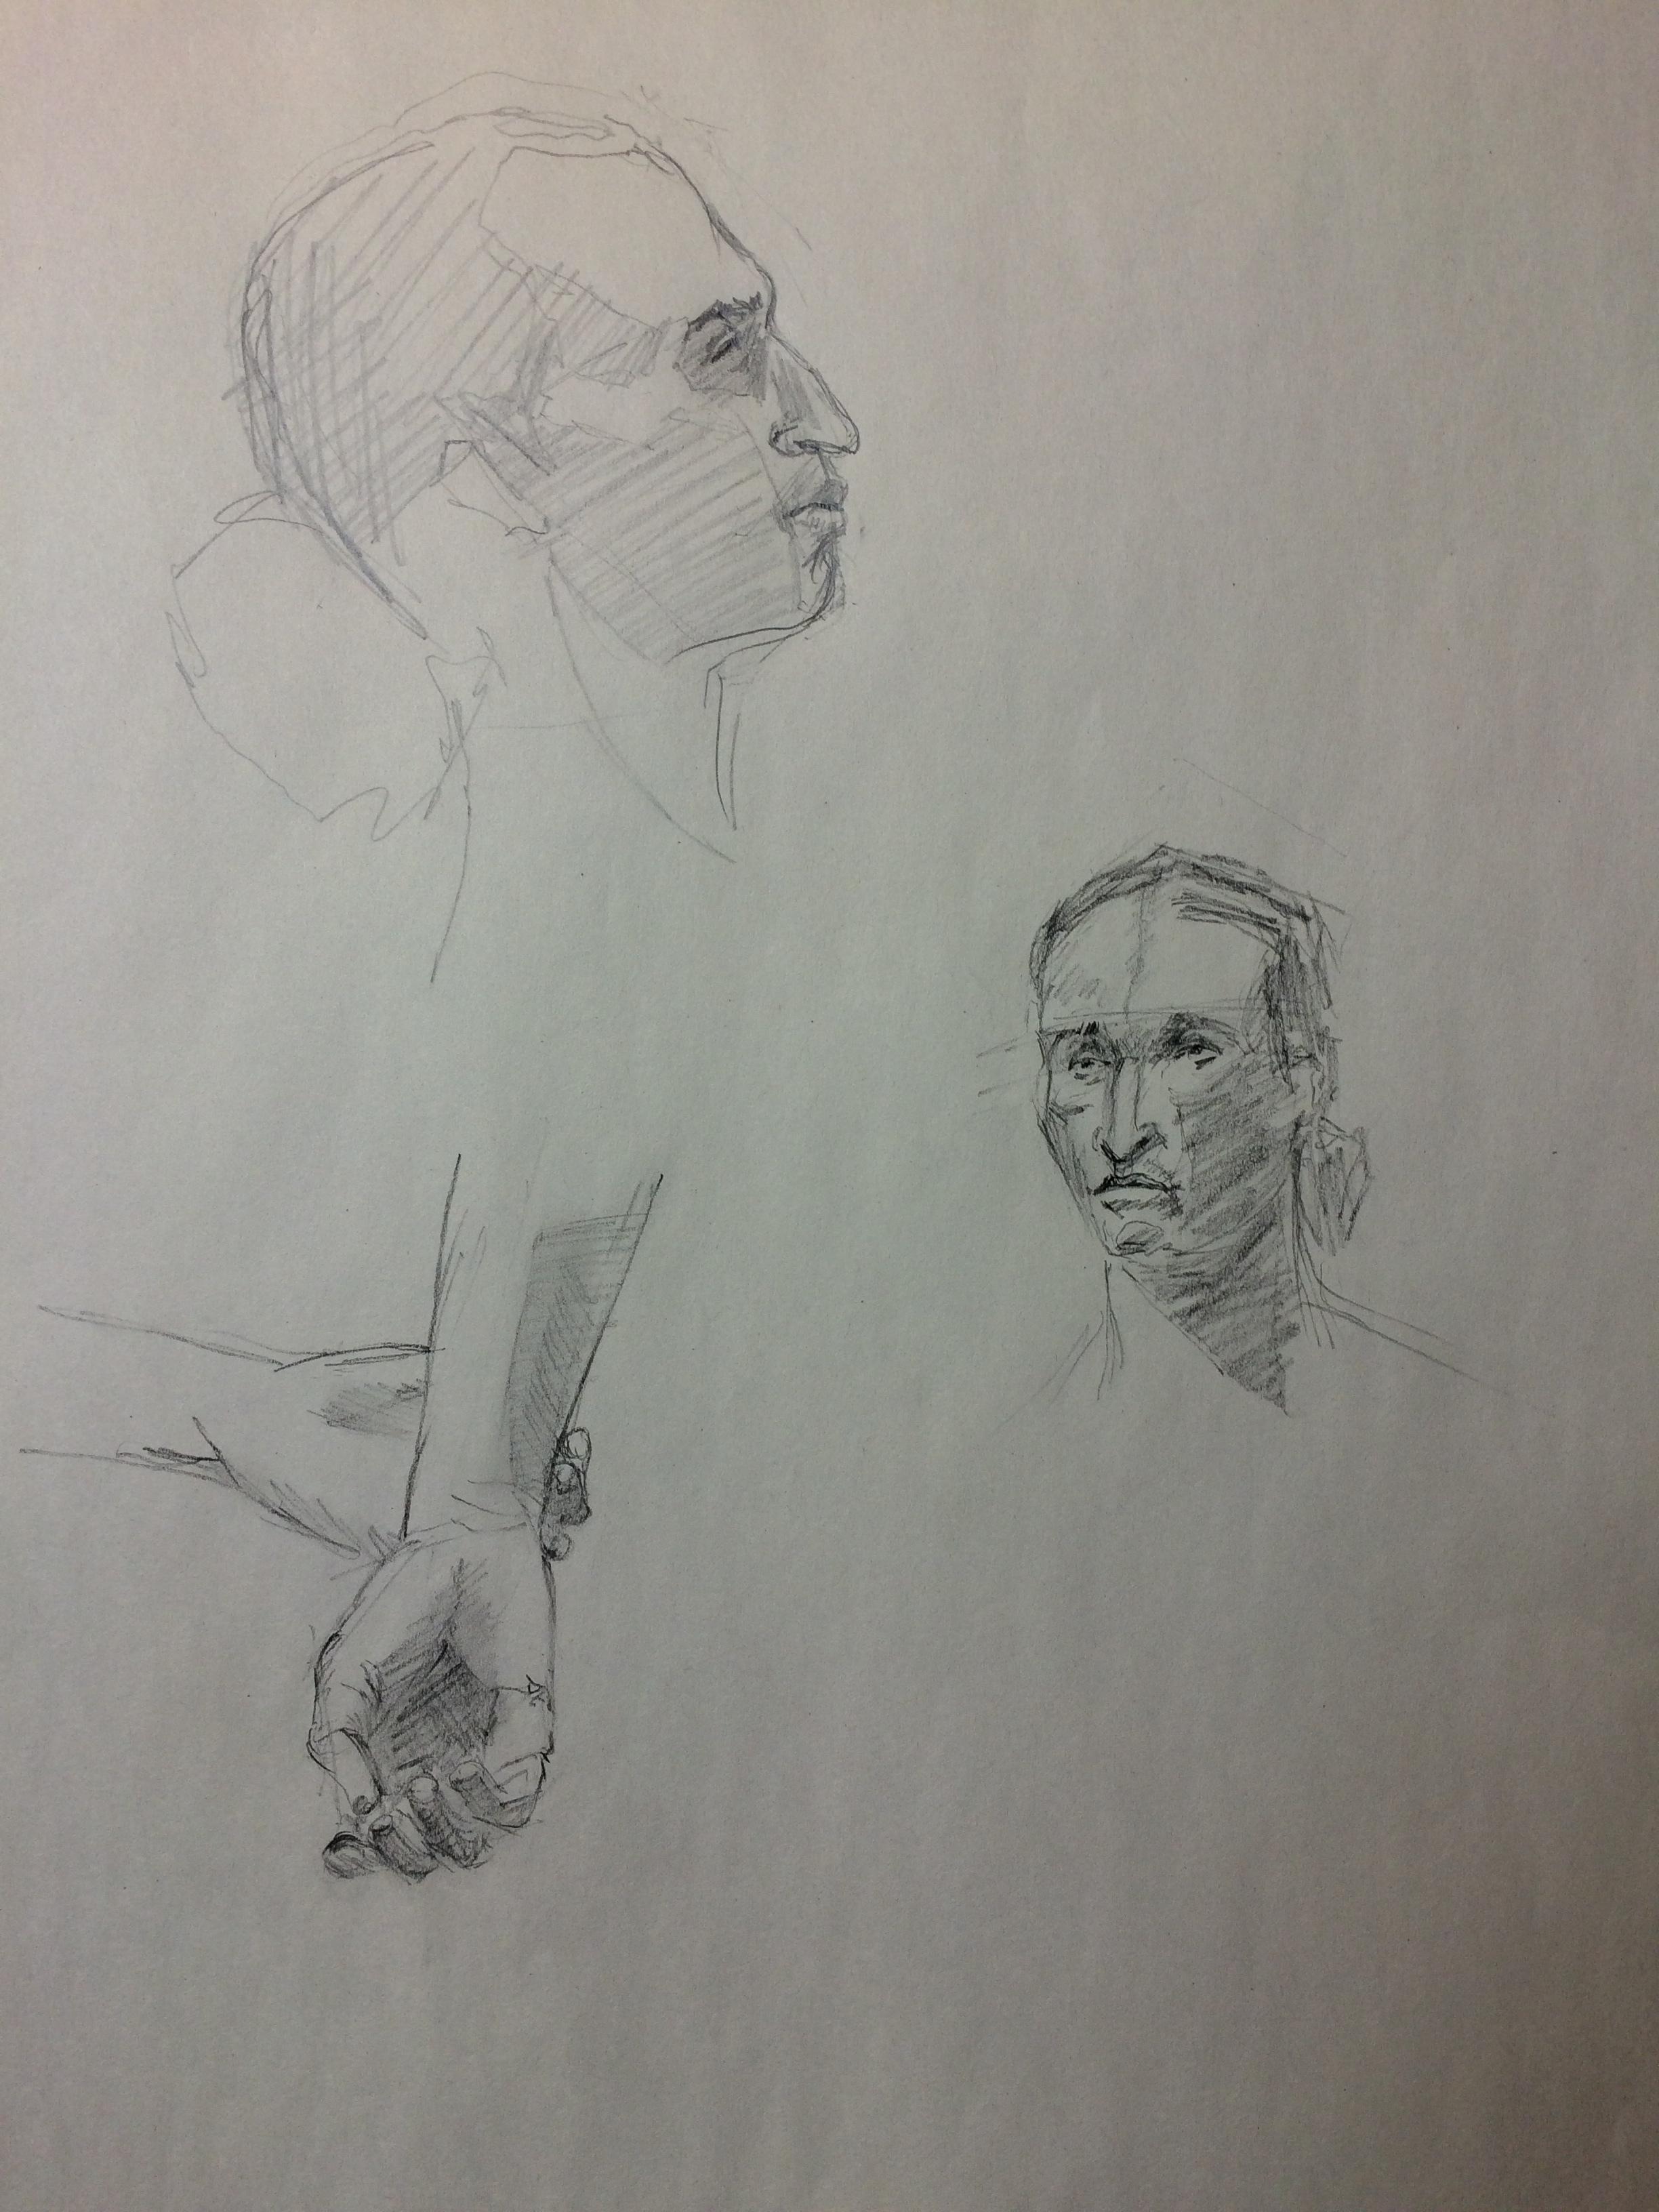 Justine - 10 mins sketches